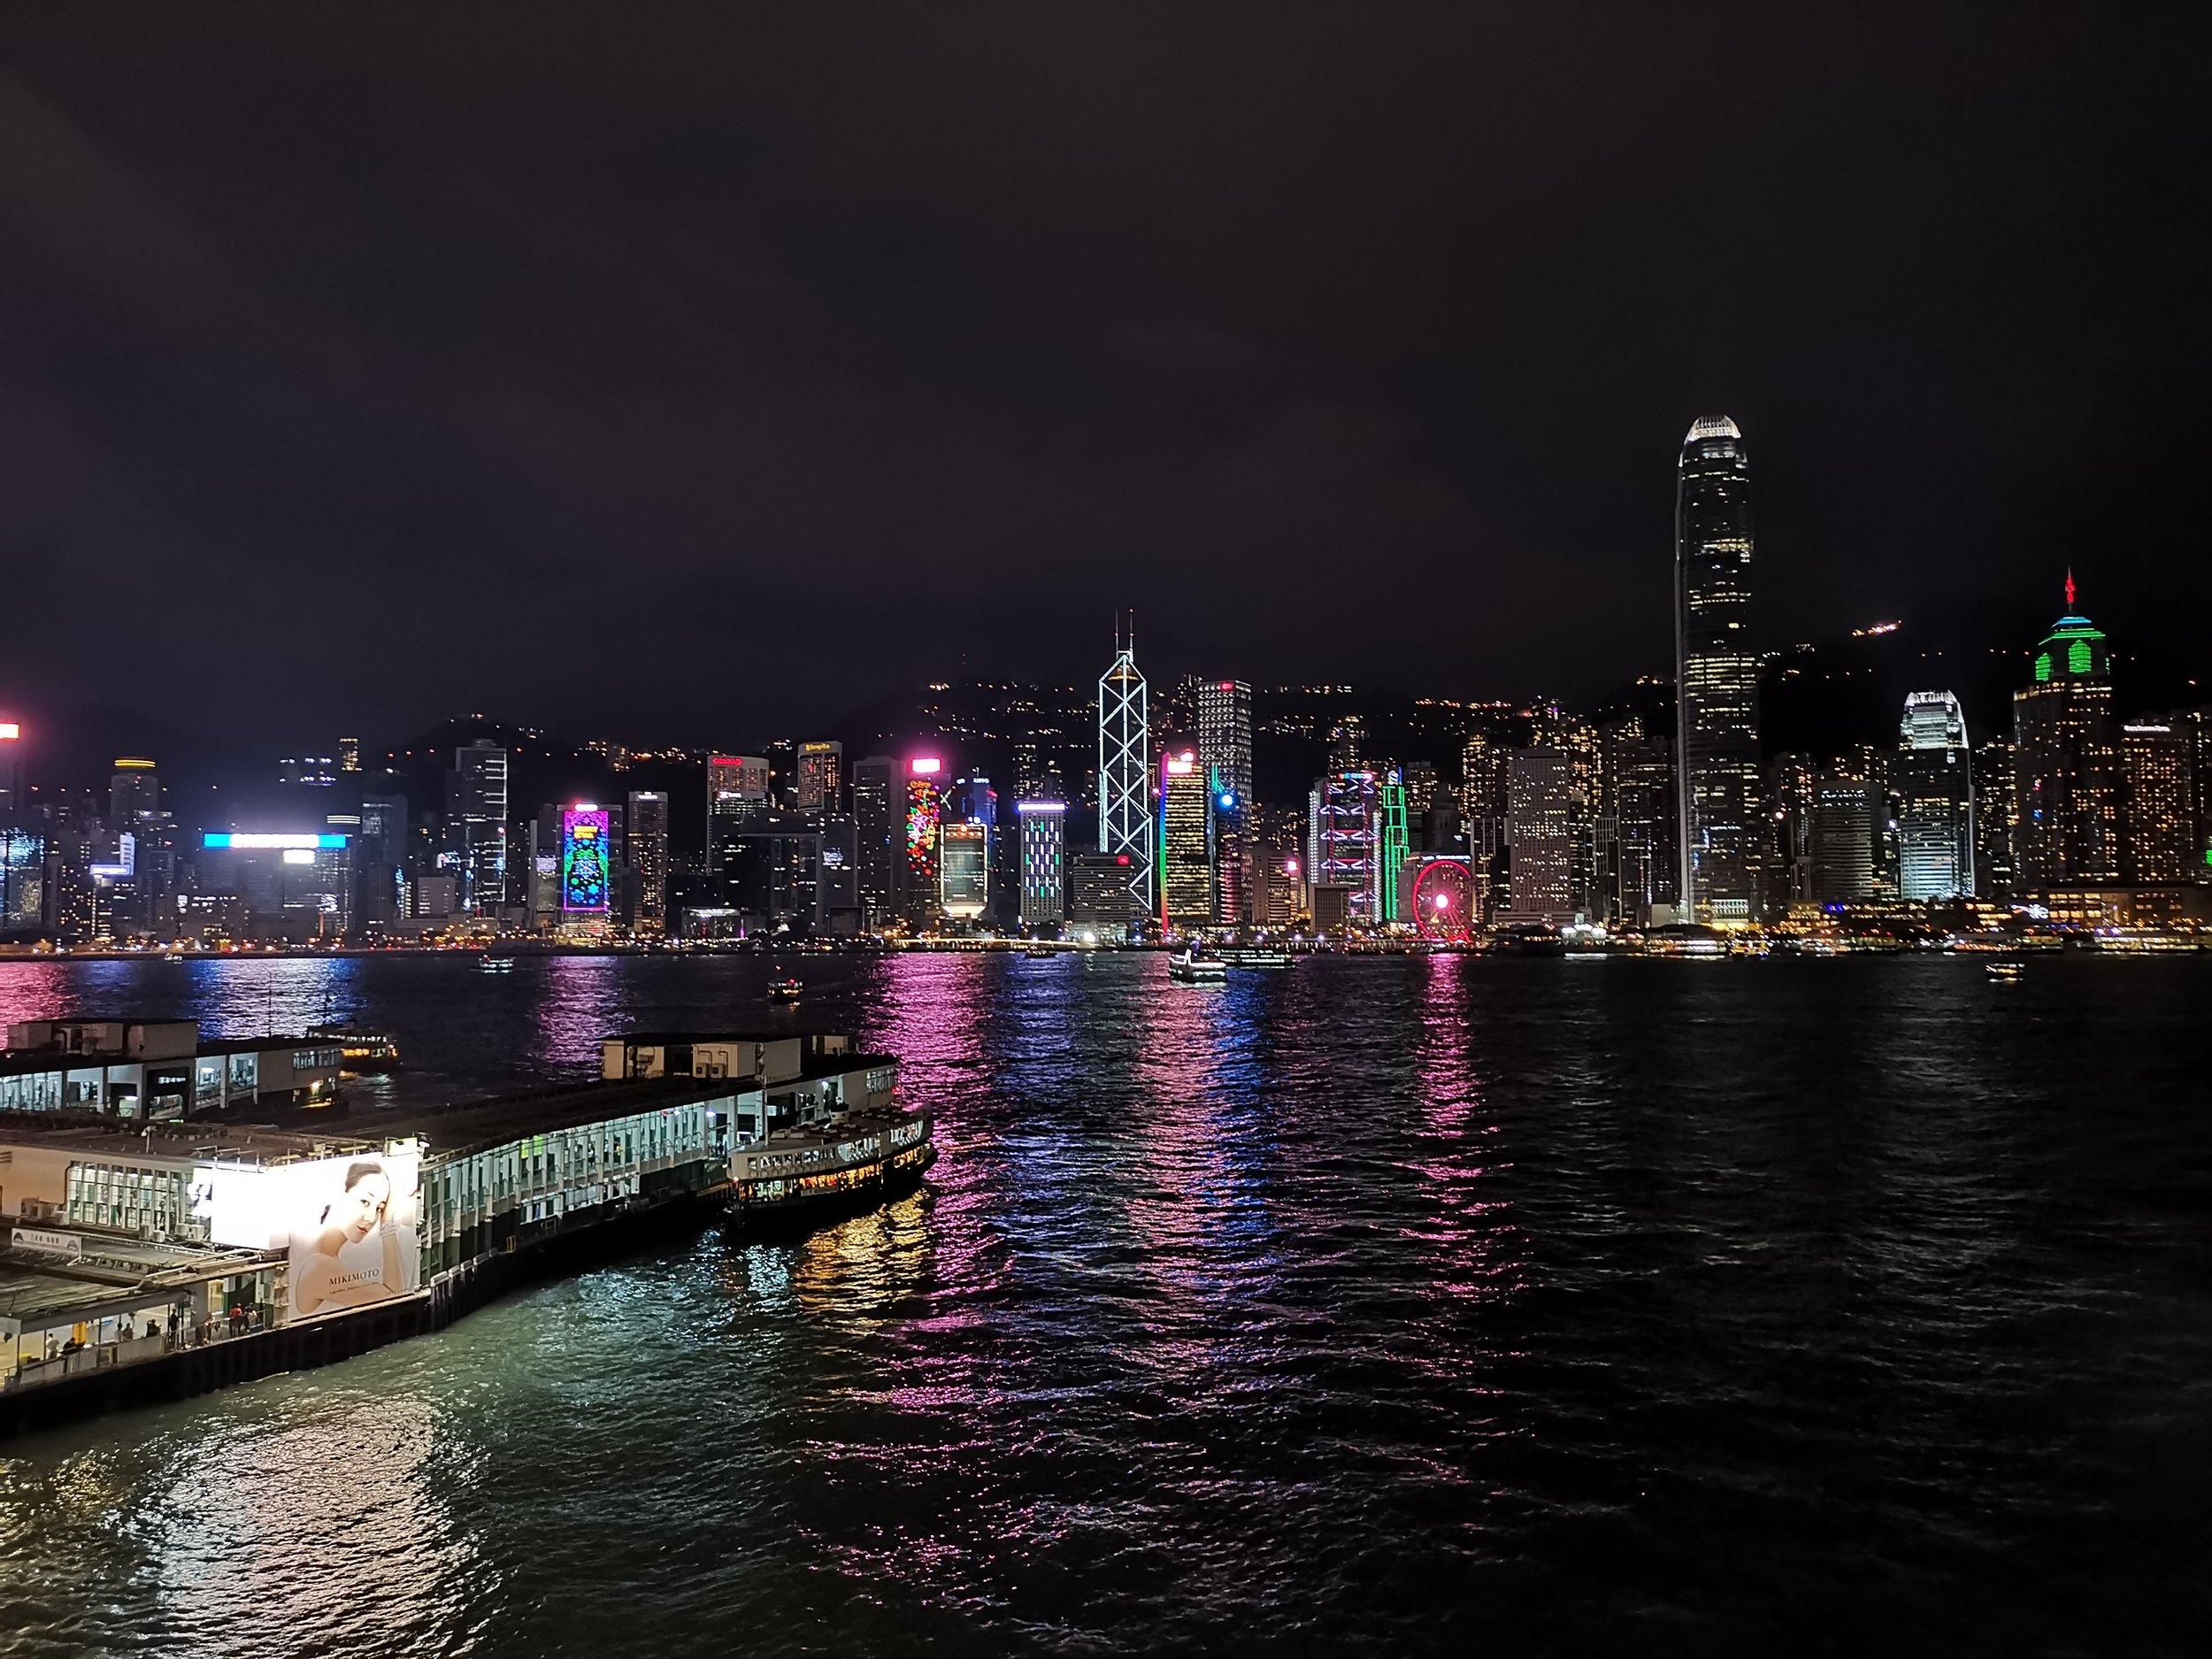 Hong Kong Skyline as seen from Kowloon at night